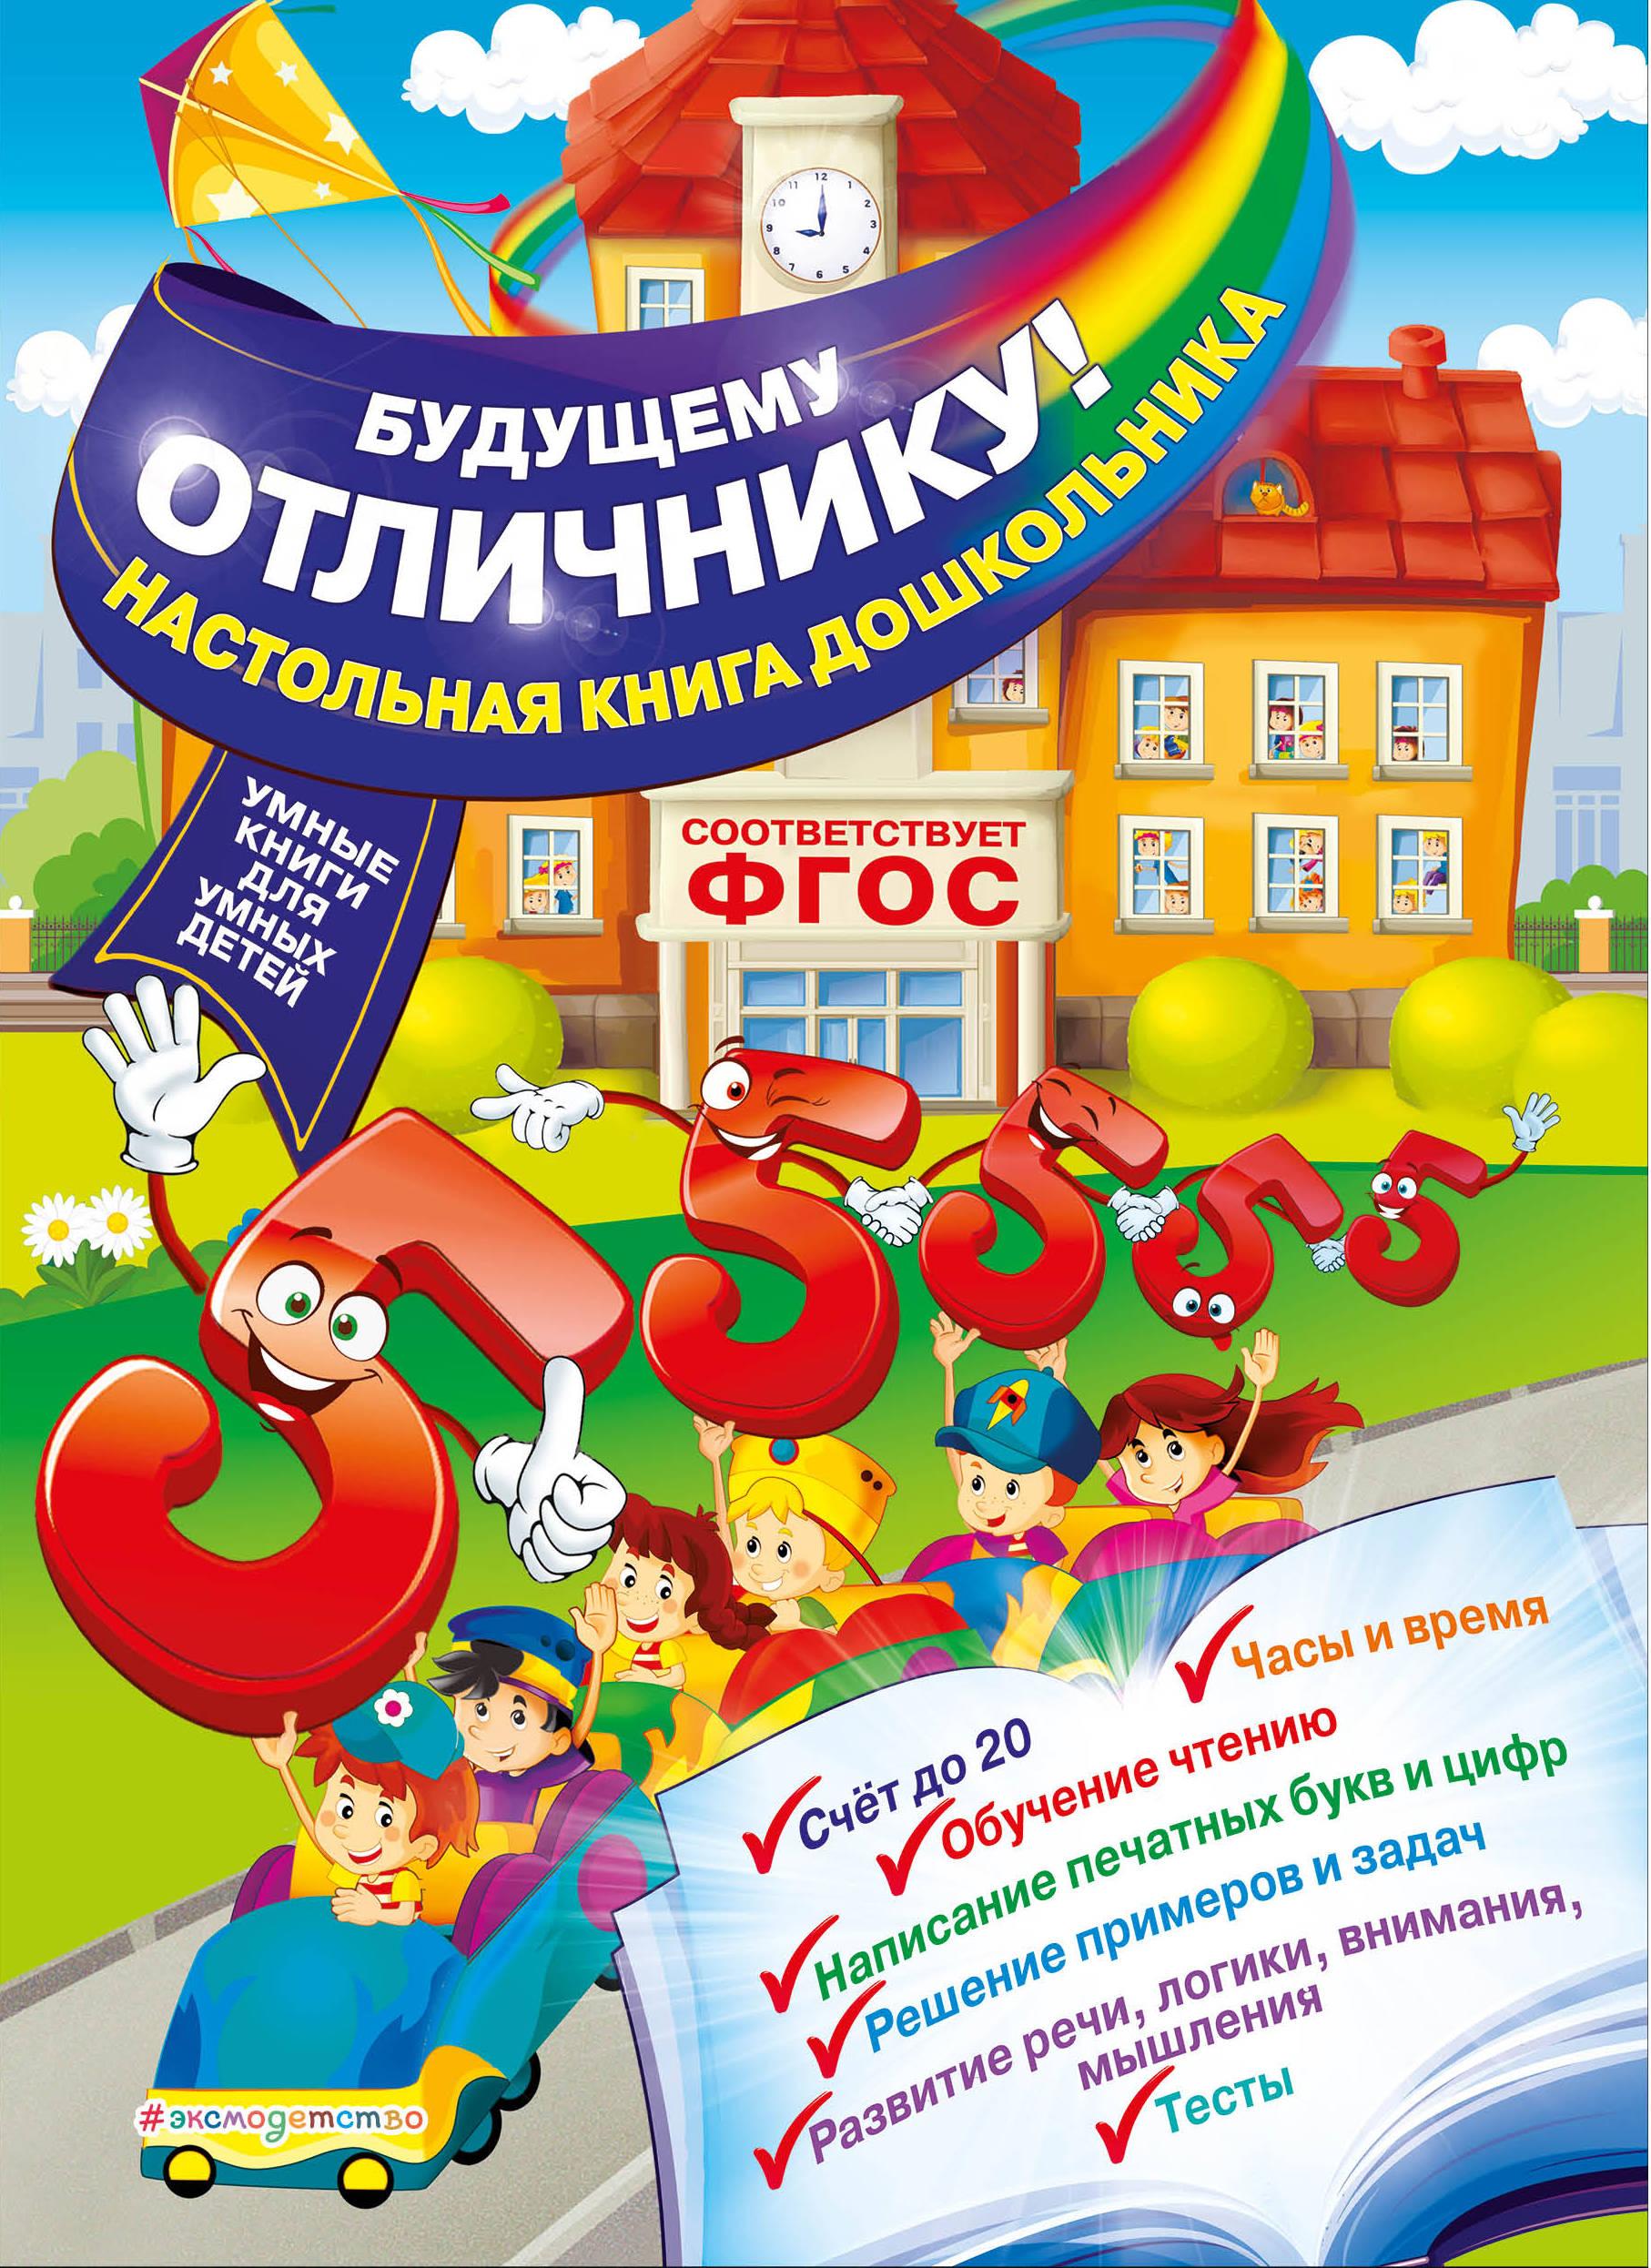 Будущему отличнику! Настольная книга дошкольника. О. В. Александрова